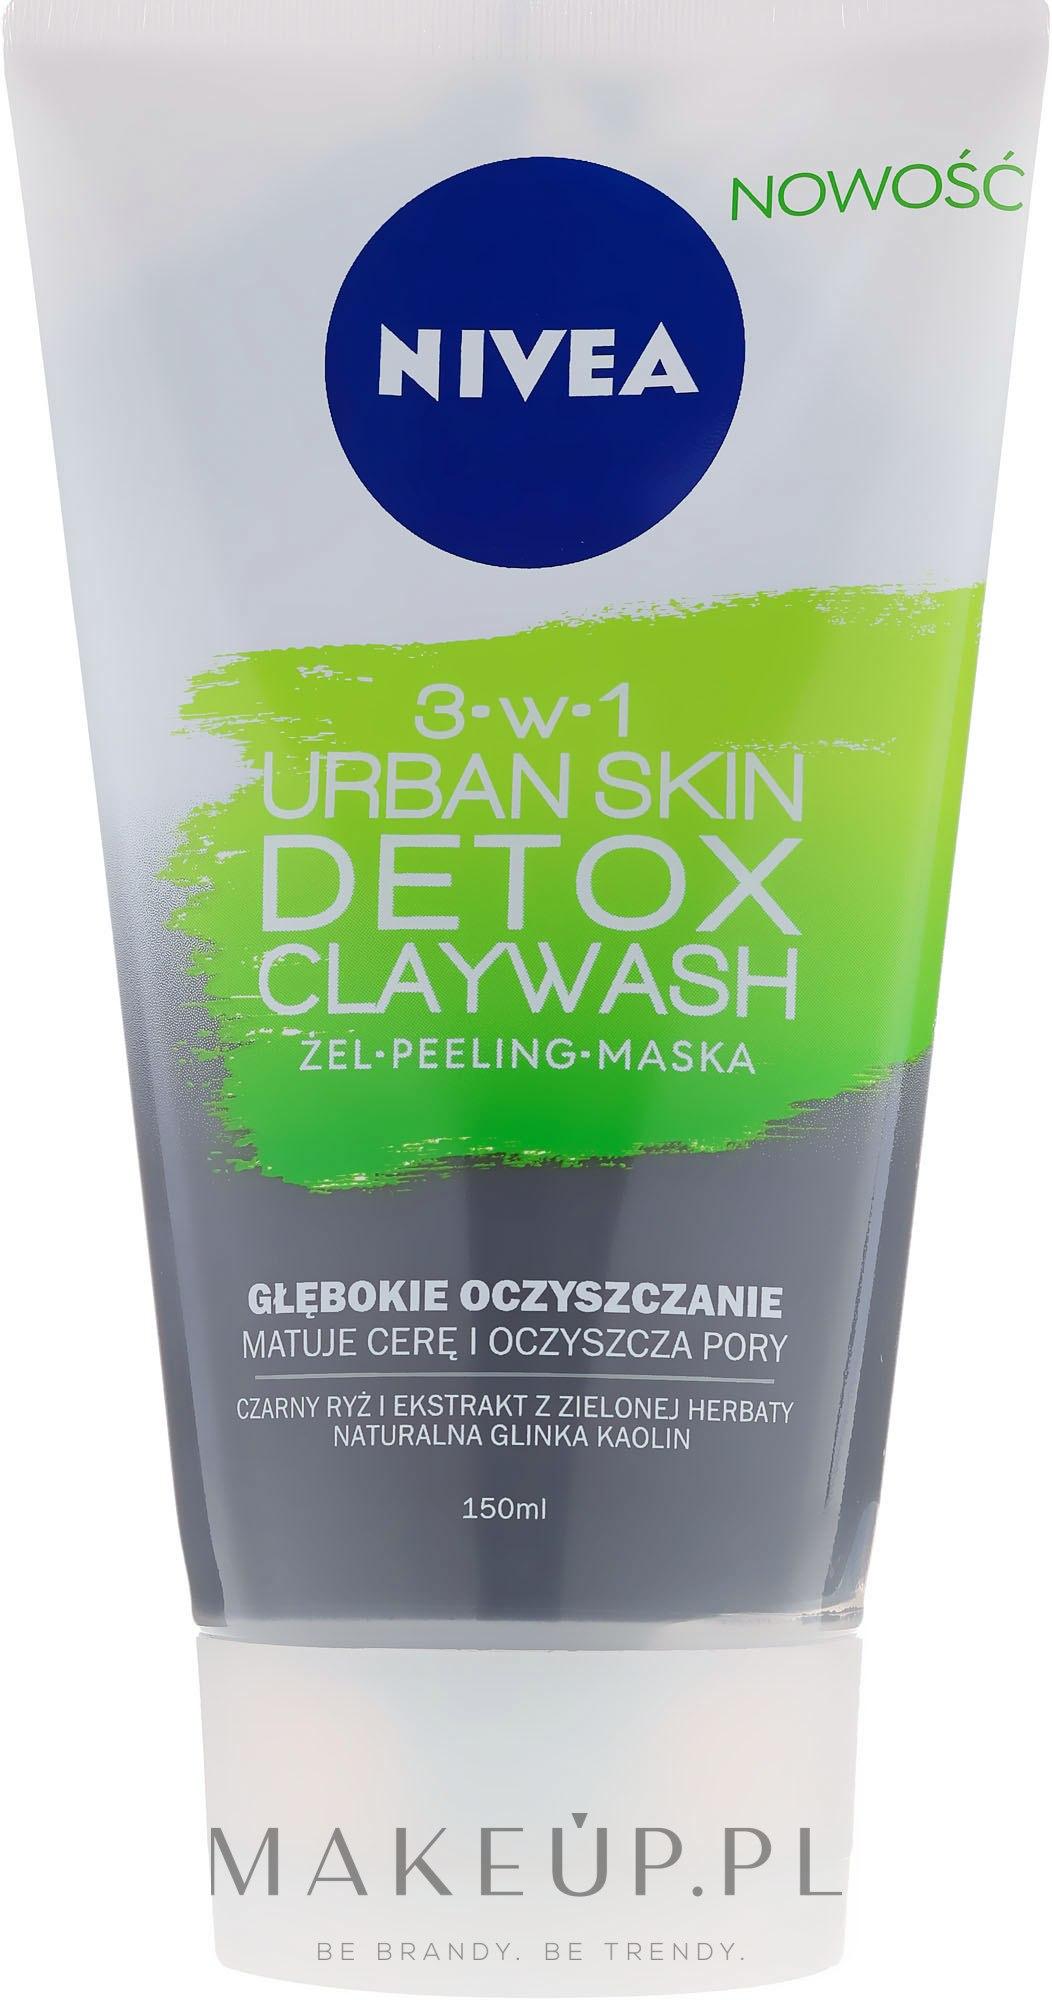 Peelingująca maska do twarzy 3 w 1 - Nivea Urban Skin Detox Claywash 3w1 — фото 150 ml